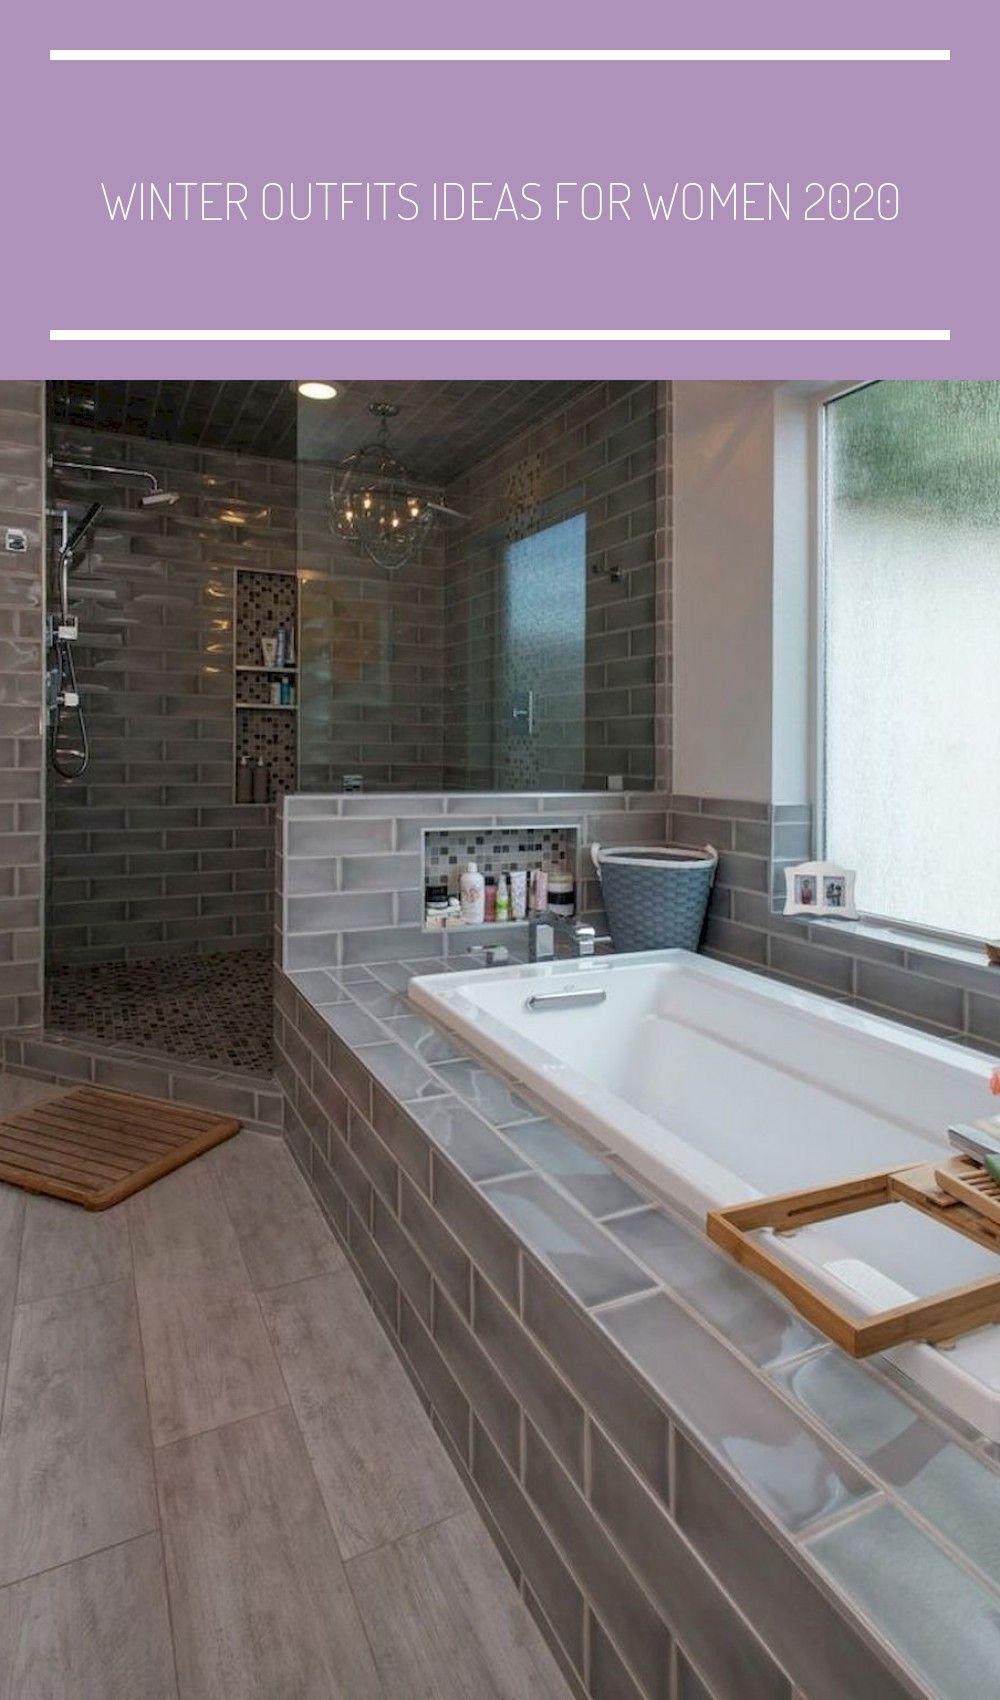 65 Ideen Fur Die Renovierung Des Hauptbadezimmers Eines Bauernhofs Badezimmer W Farmhouse Bathroom Decor Modern Farmhouse Bathroom Bathroom Remodel Master